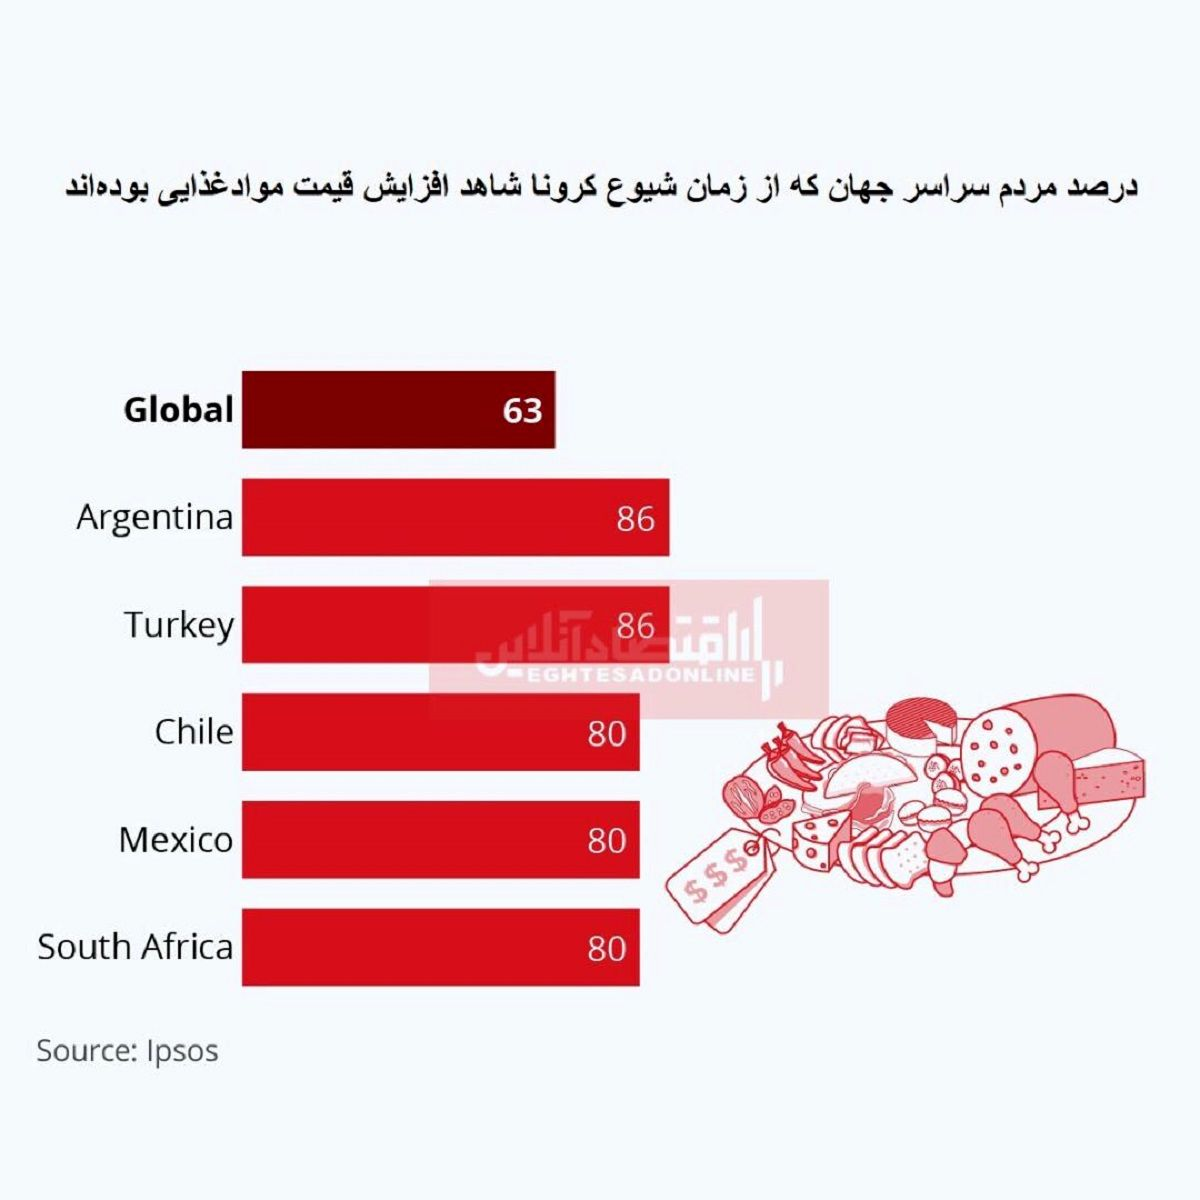 تاثیر کرونا بر قیمت مواد غذایی/ افزایش قیمتها برای چند درصد مردم جهان محسوس بوده است؟